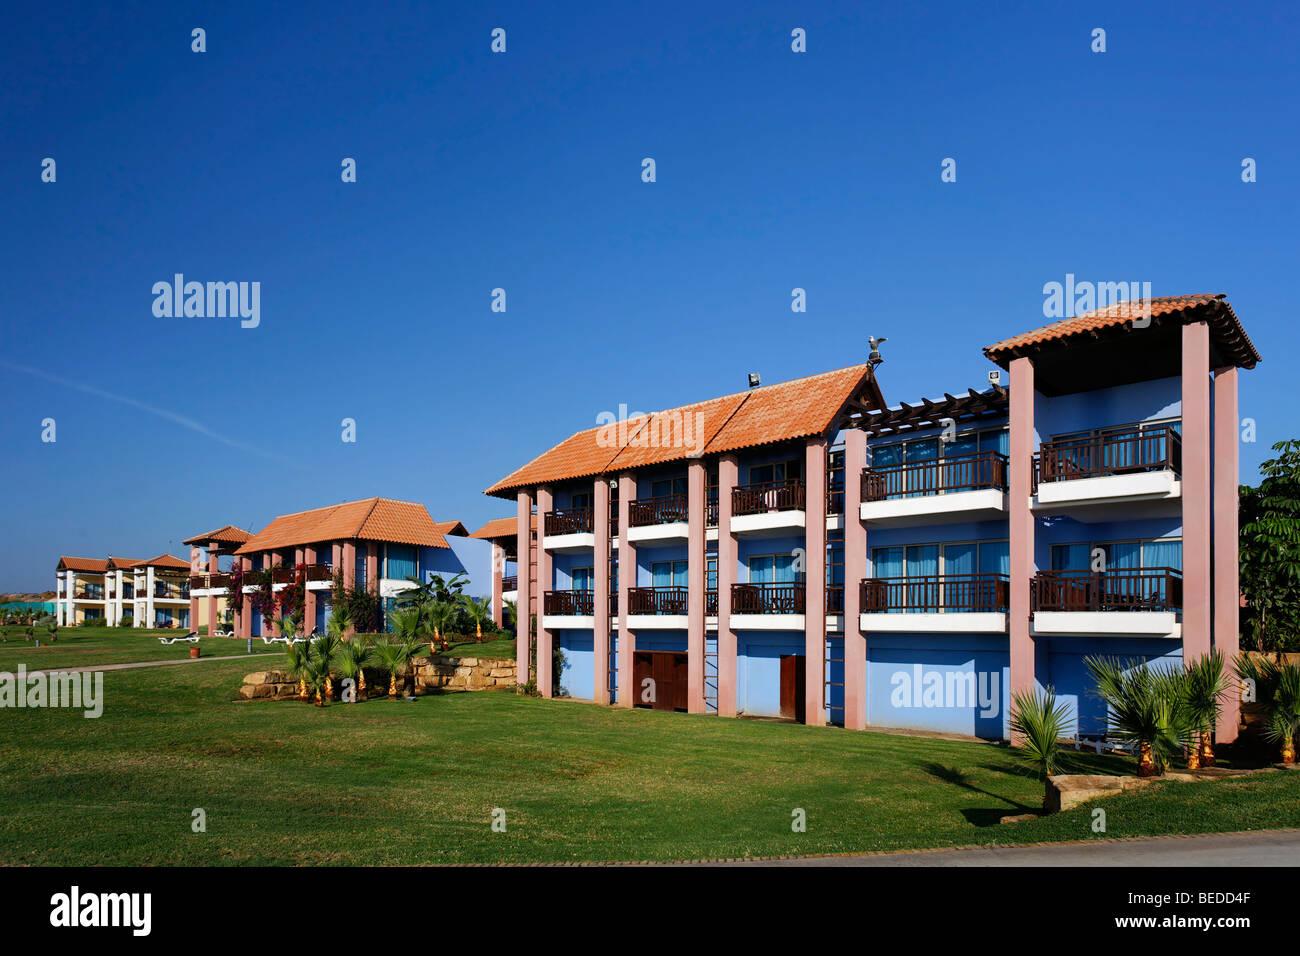 Aldiana Club, Larnaca, Cyprus, Asia Stock Photo